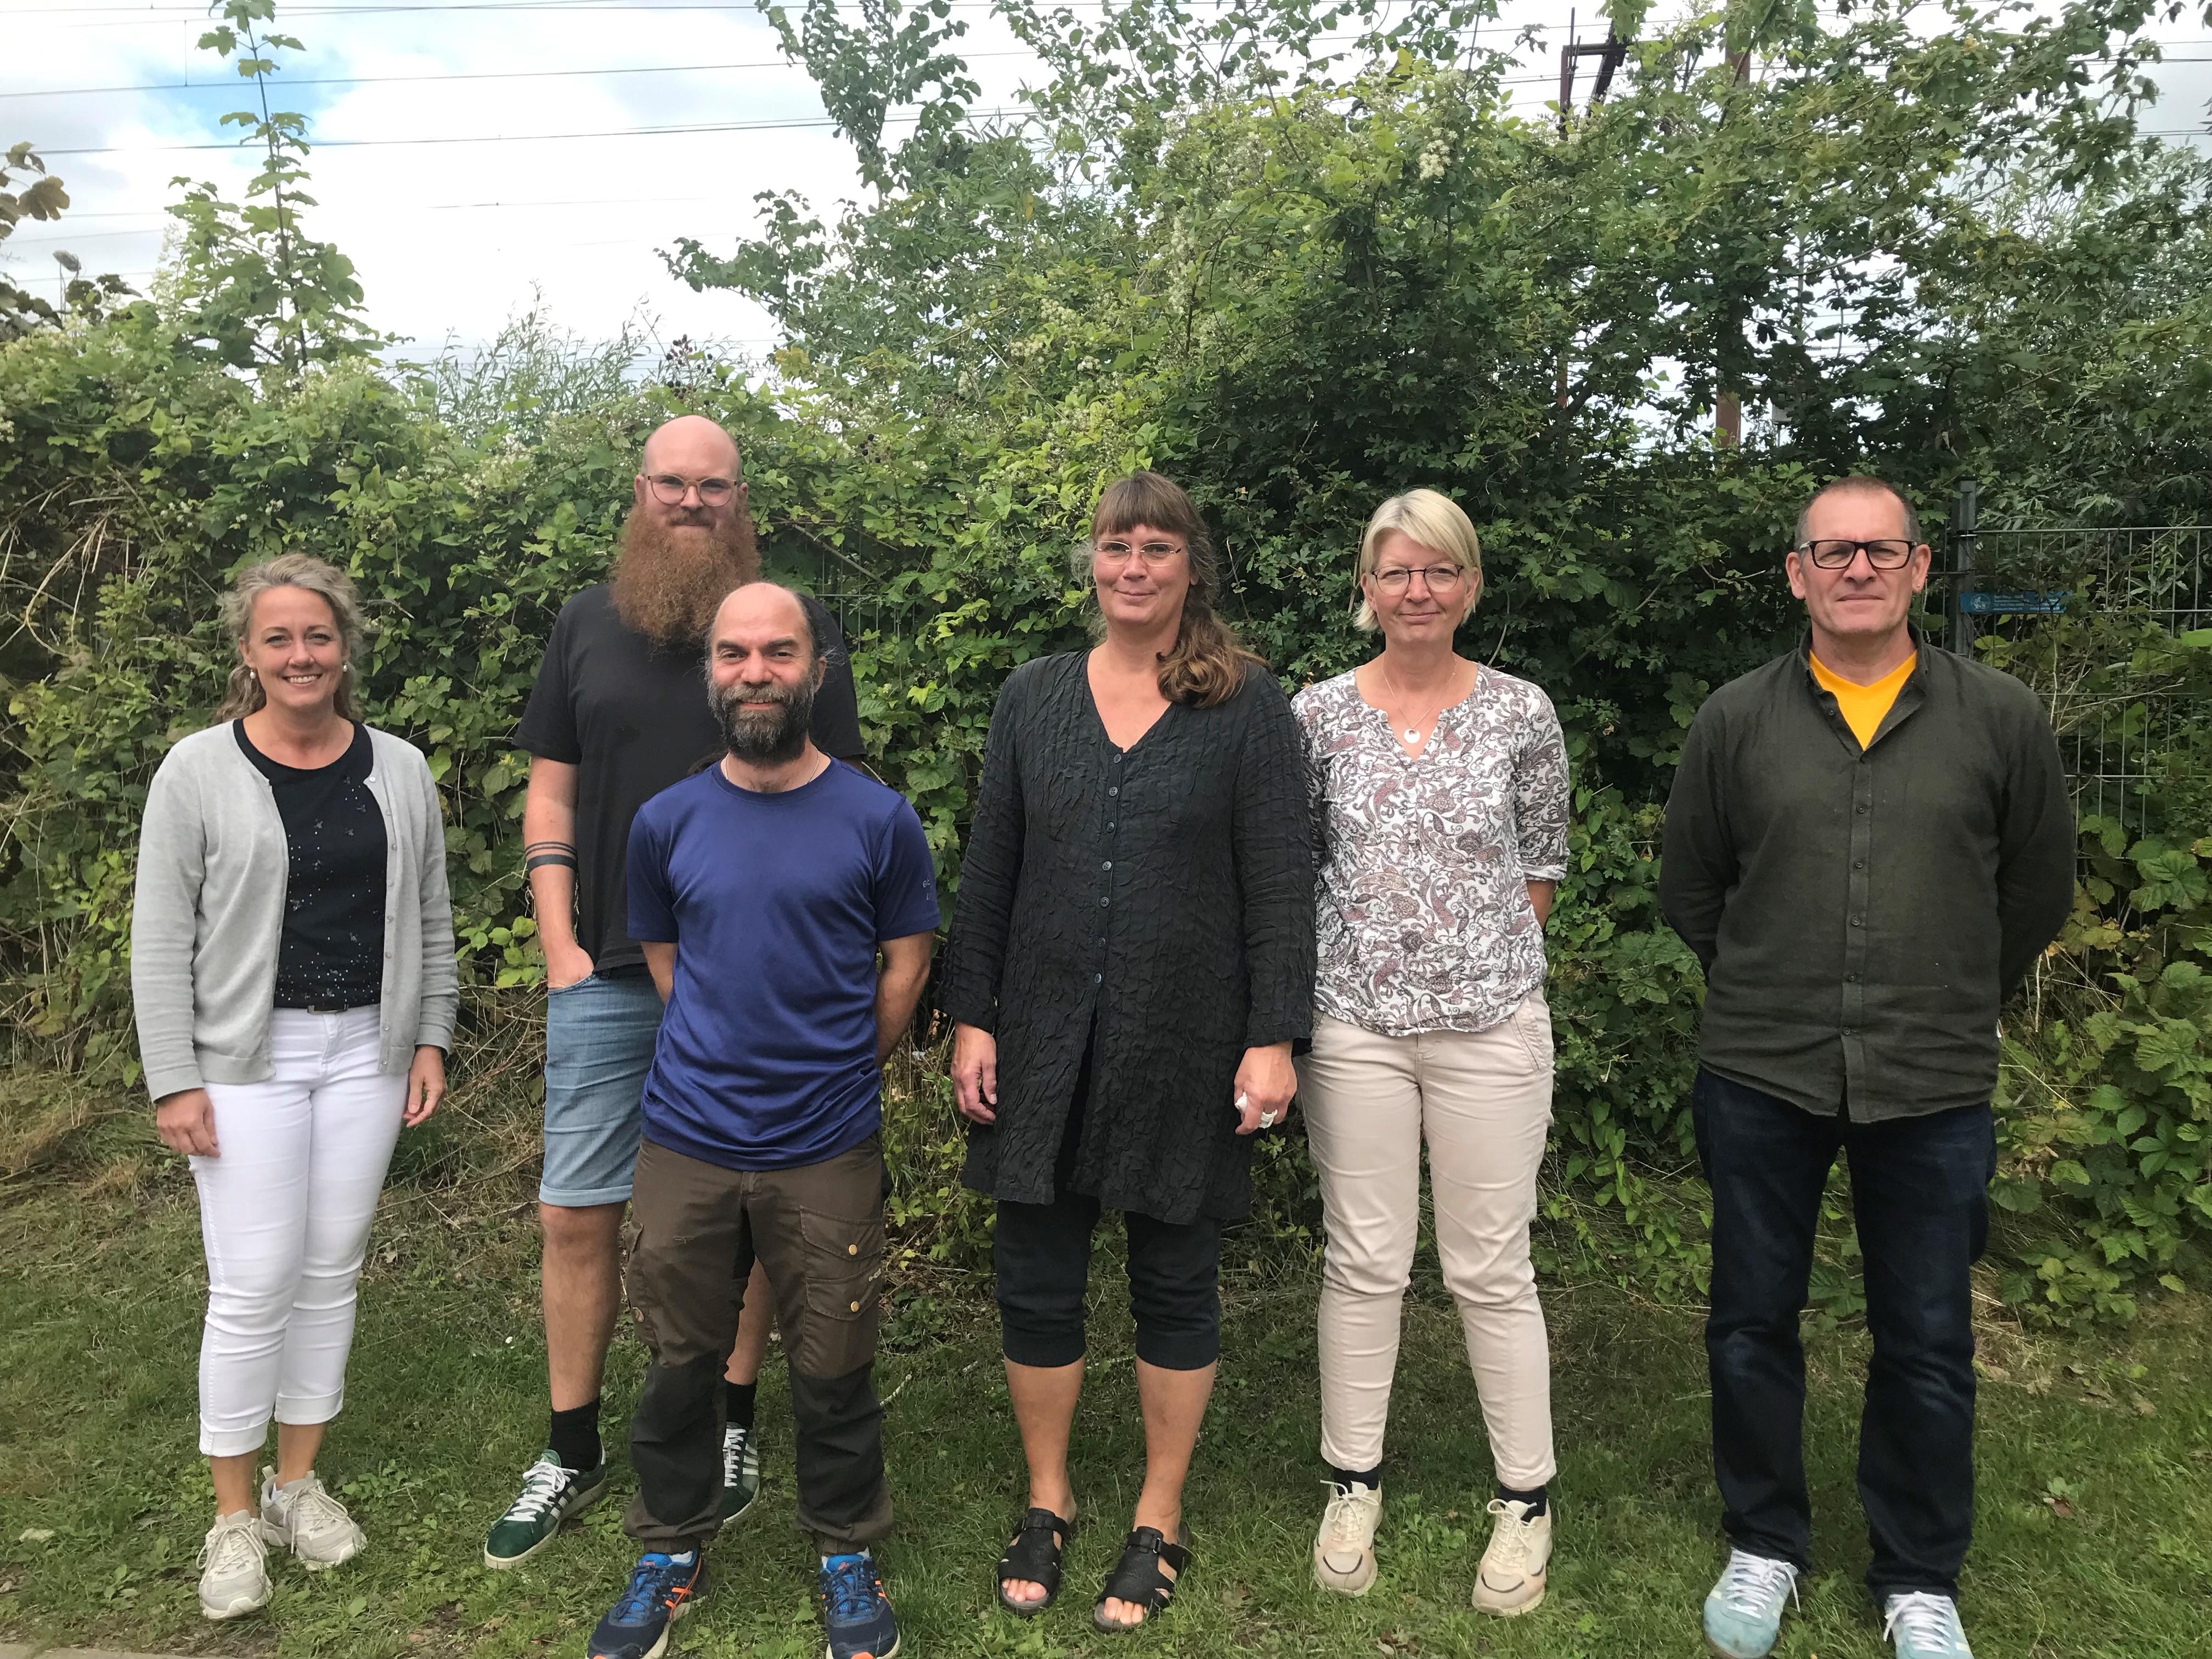 6 pionerer fra Middelfart